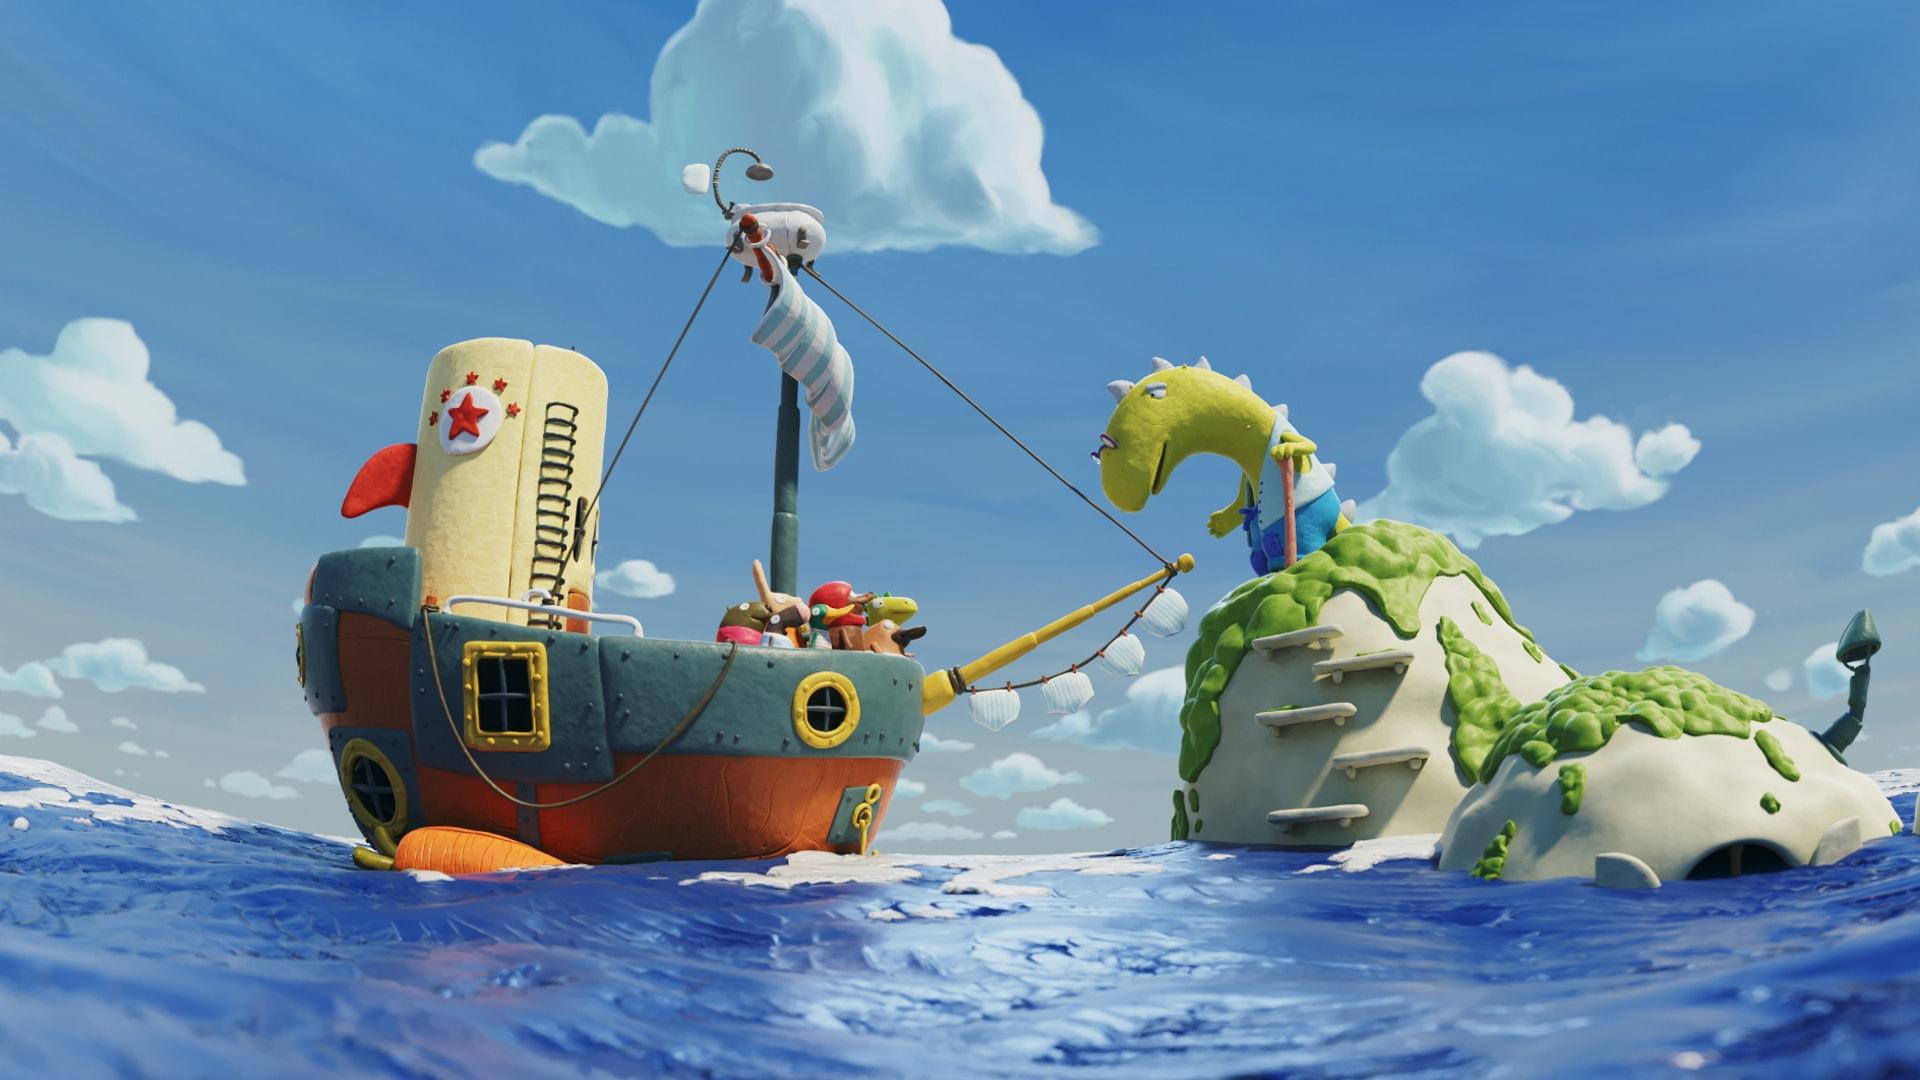 La Grande aventure de Non-Non de Mathieu Auvray image film d'animation